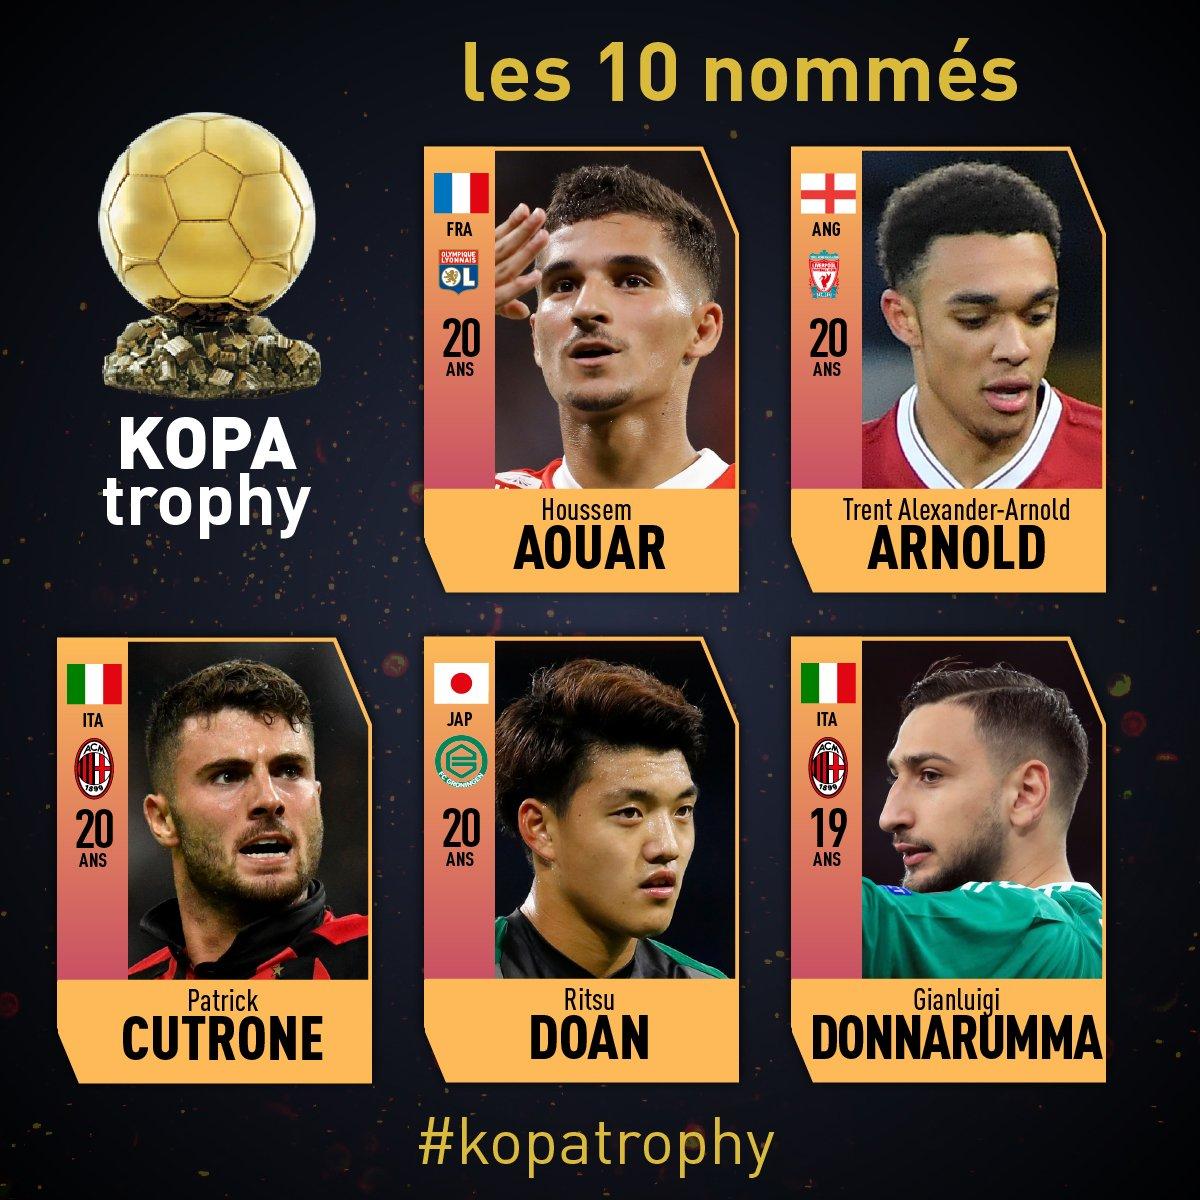 اللاعبين المرشحين لجائزة كوبا (1)